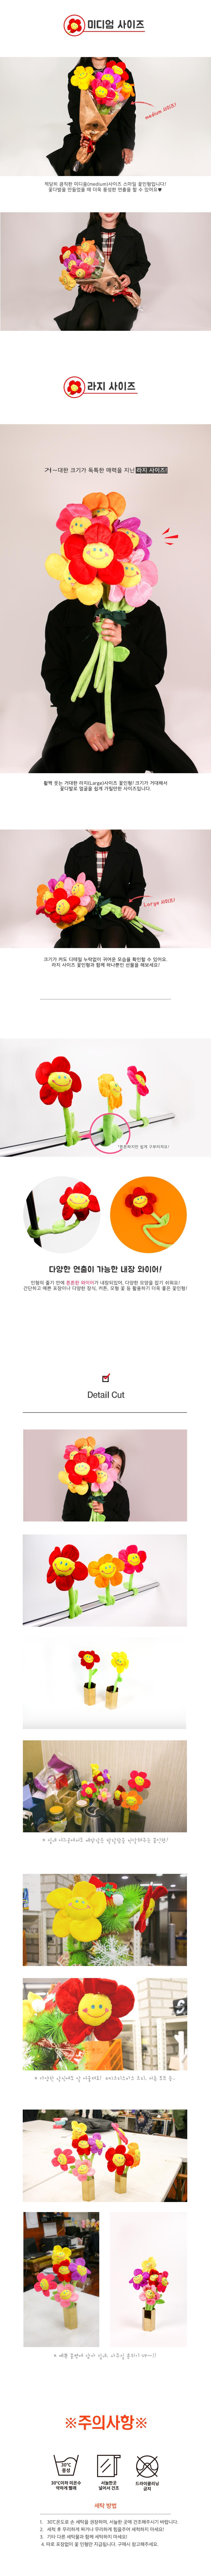 SNS대란 갓샵 스마일꽃인형 - 갓샵, 2,300원, 장식소품, 기타 소품